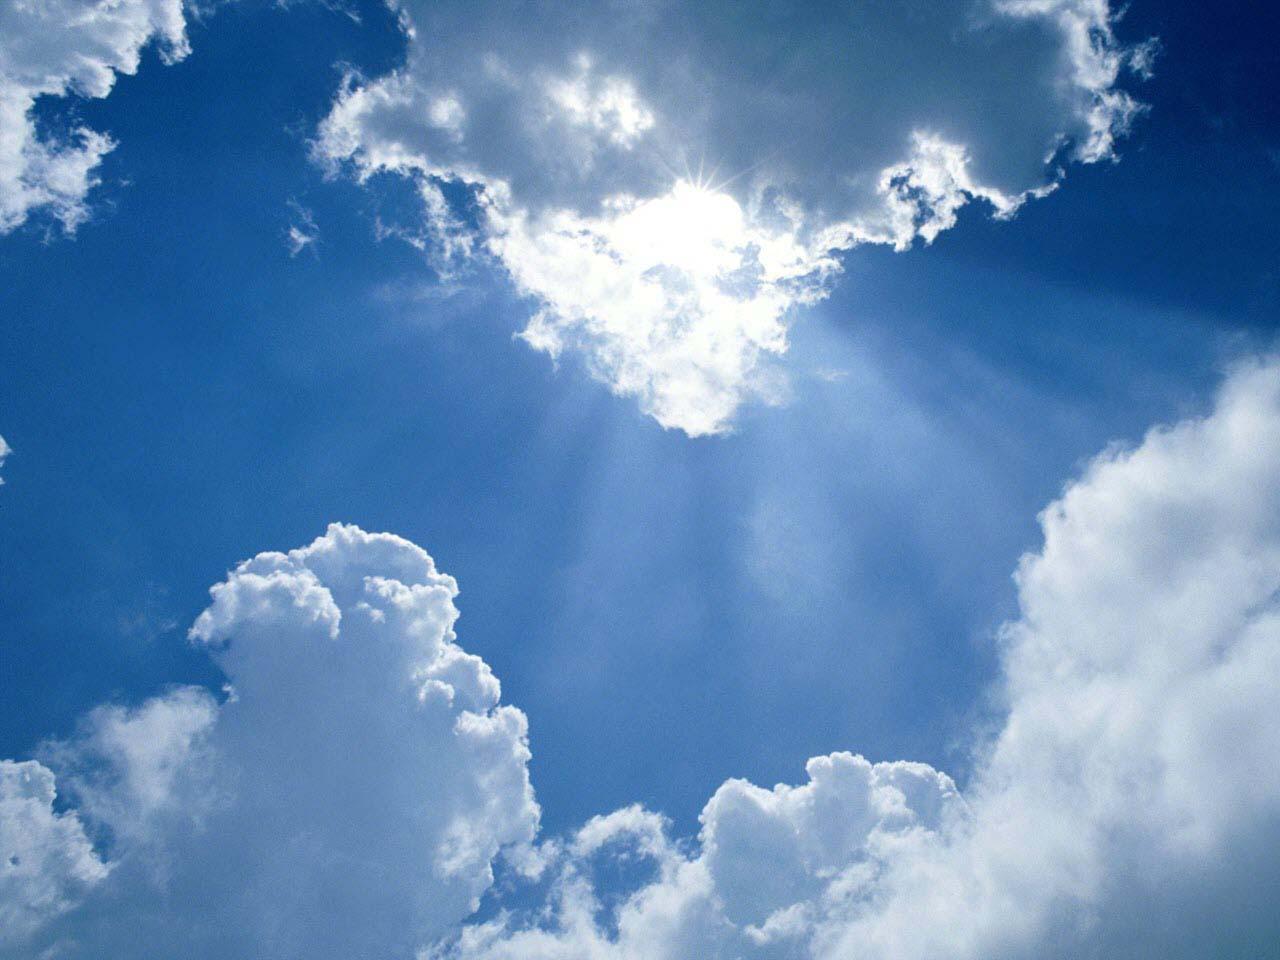 Hình ảnh bầu trời thơ mộng